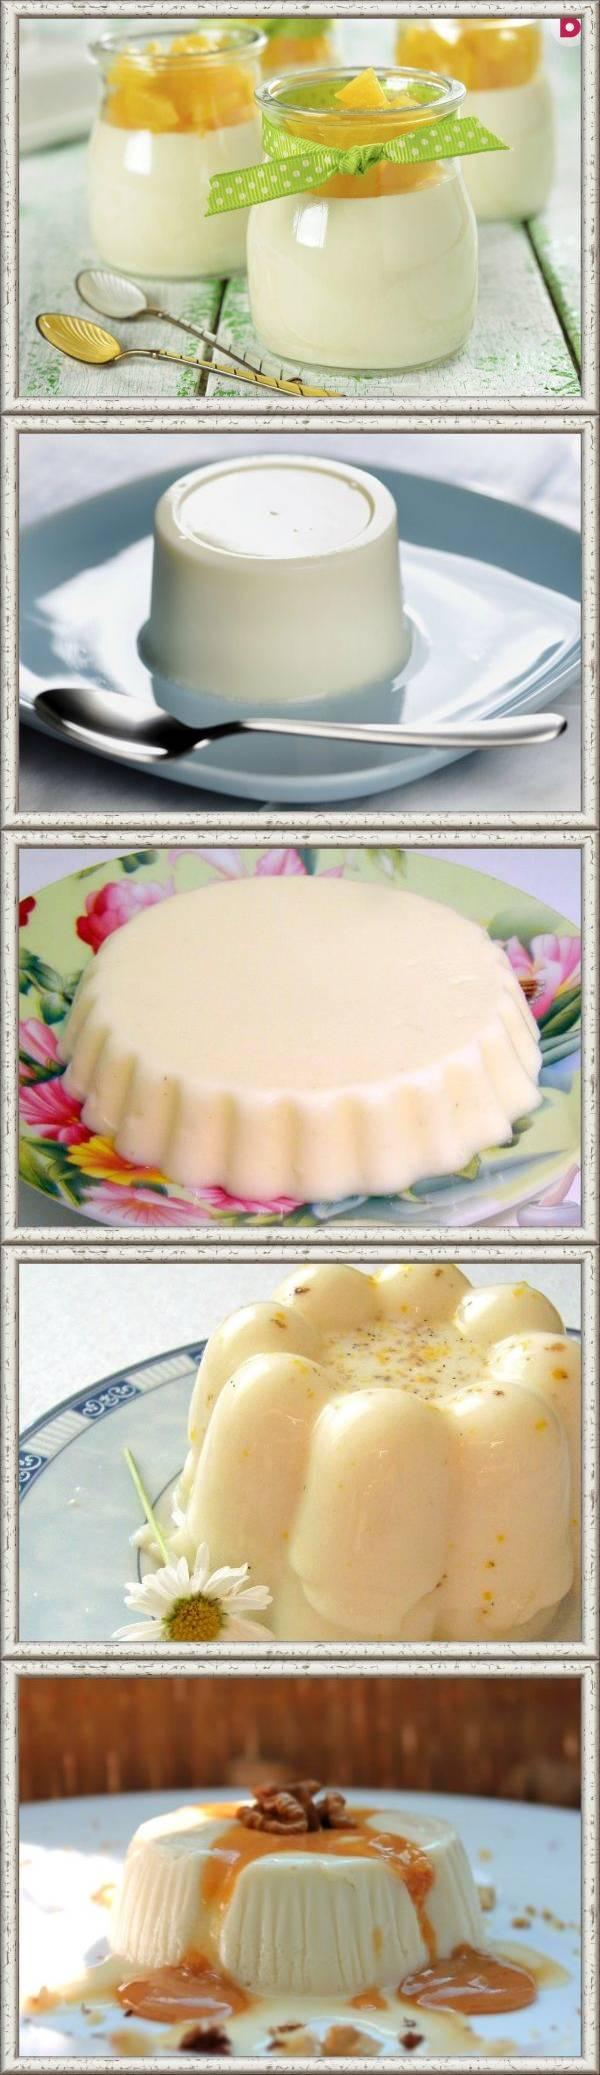 Суфле из сметаны с желатином для торта рецепт пошагово